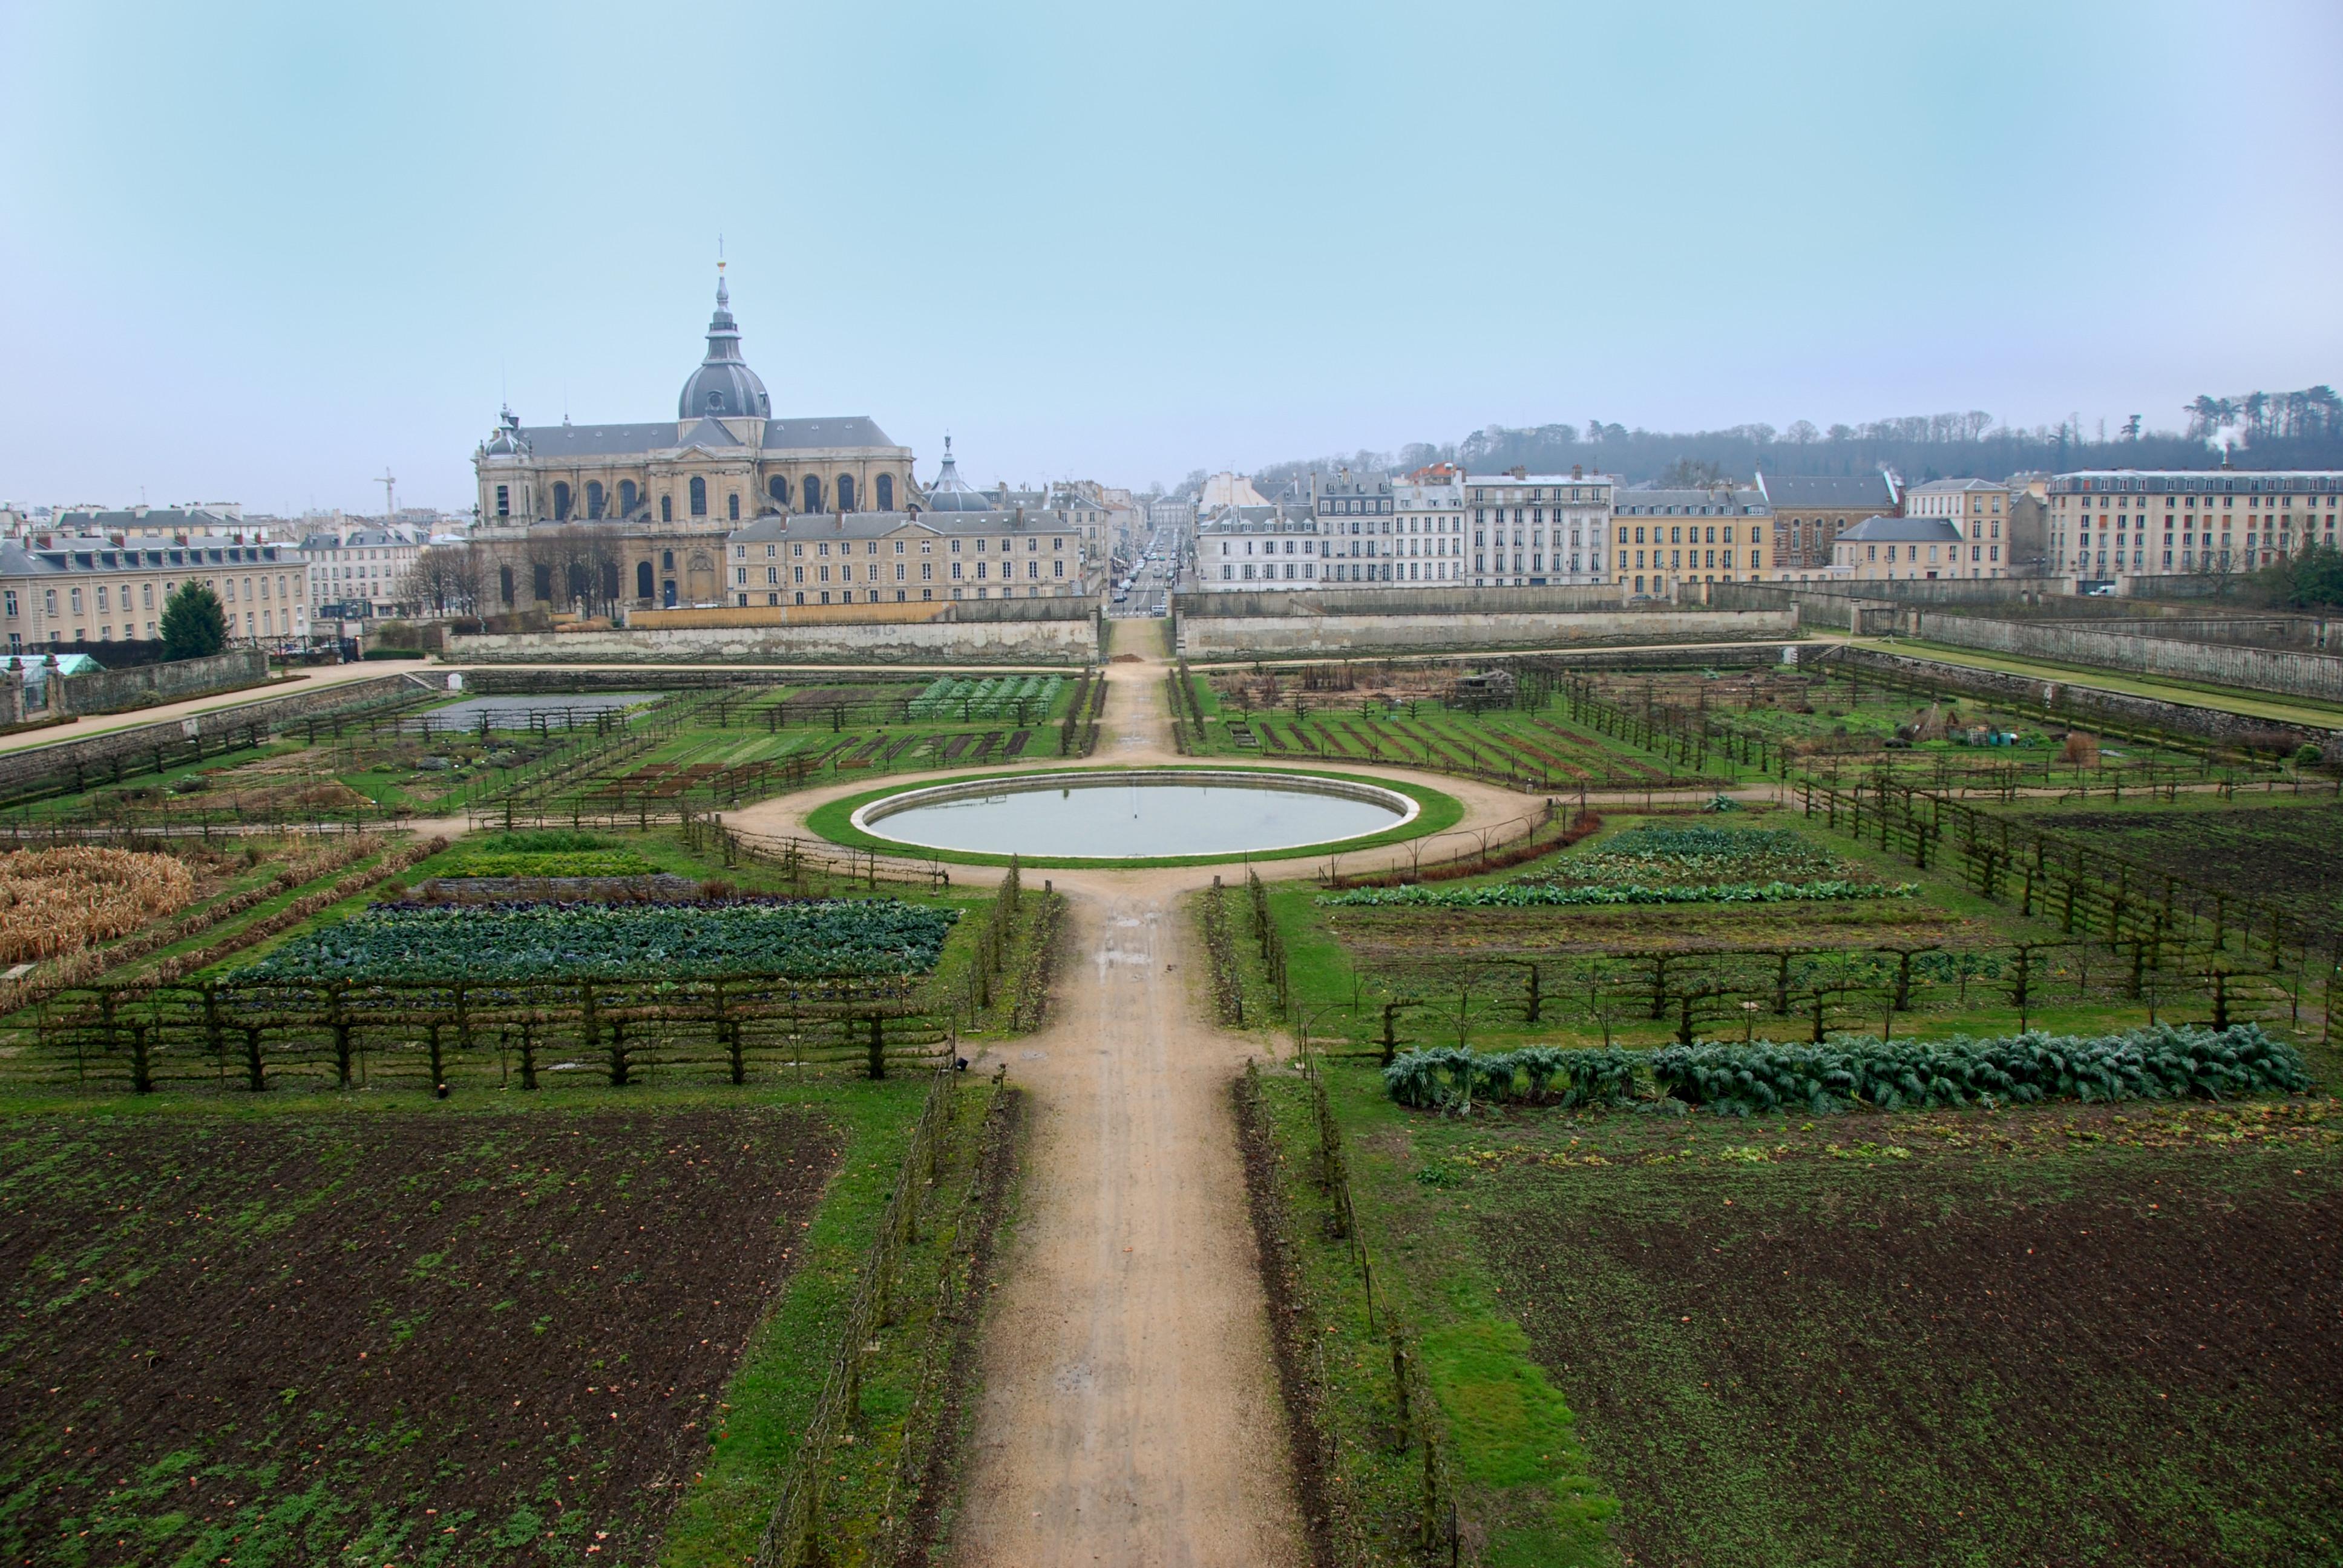 Potager du roi le jardin feng shui - Le potager du roi ...